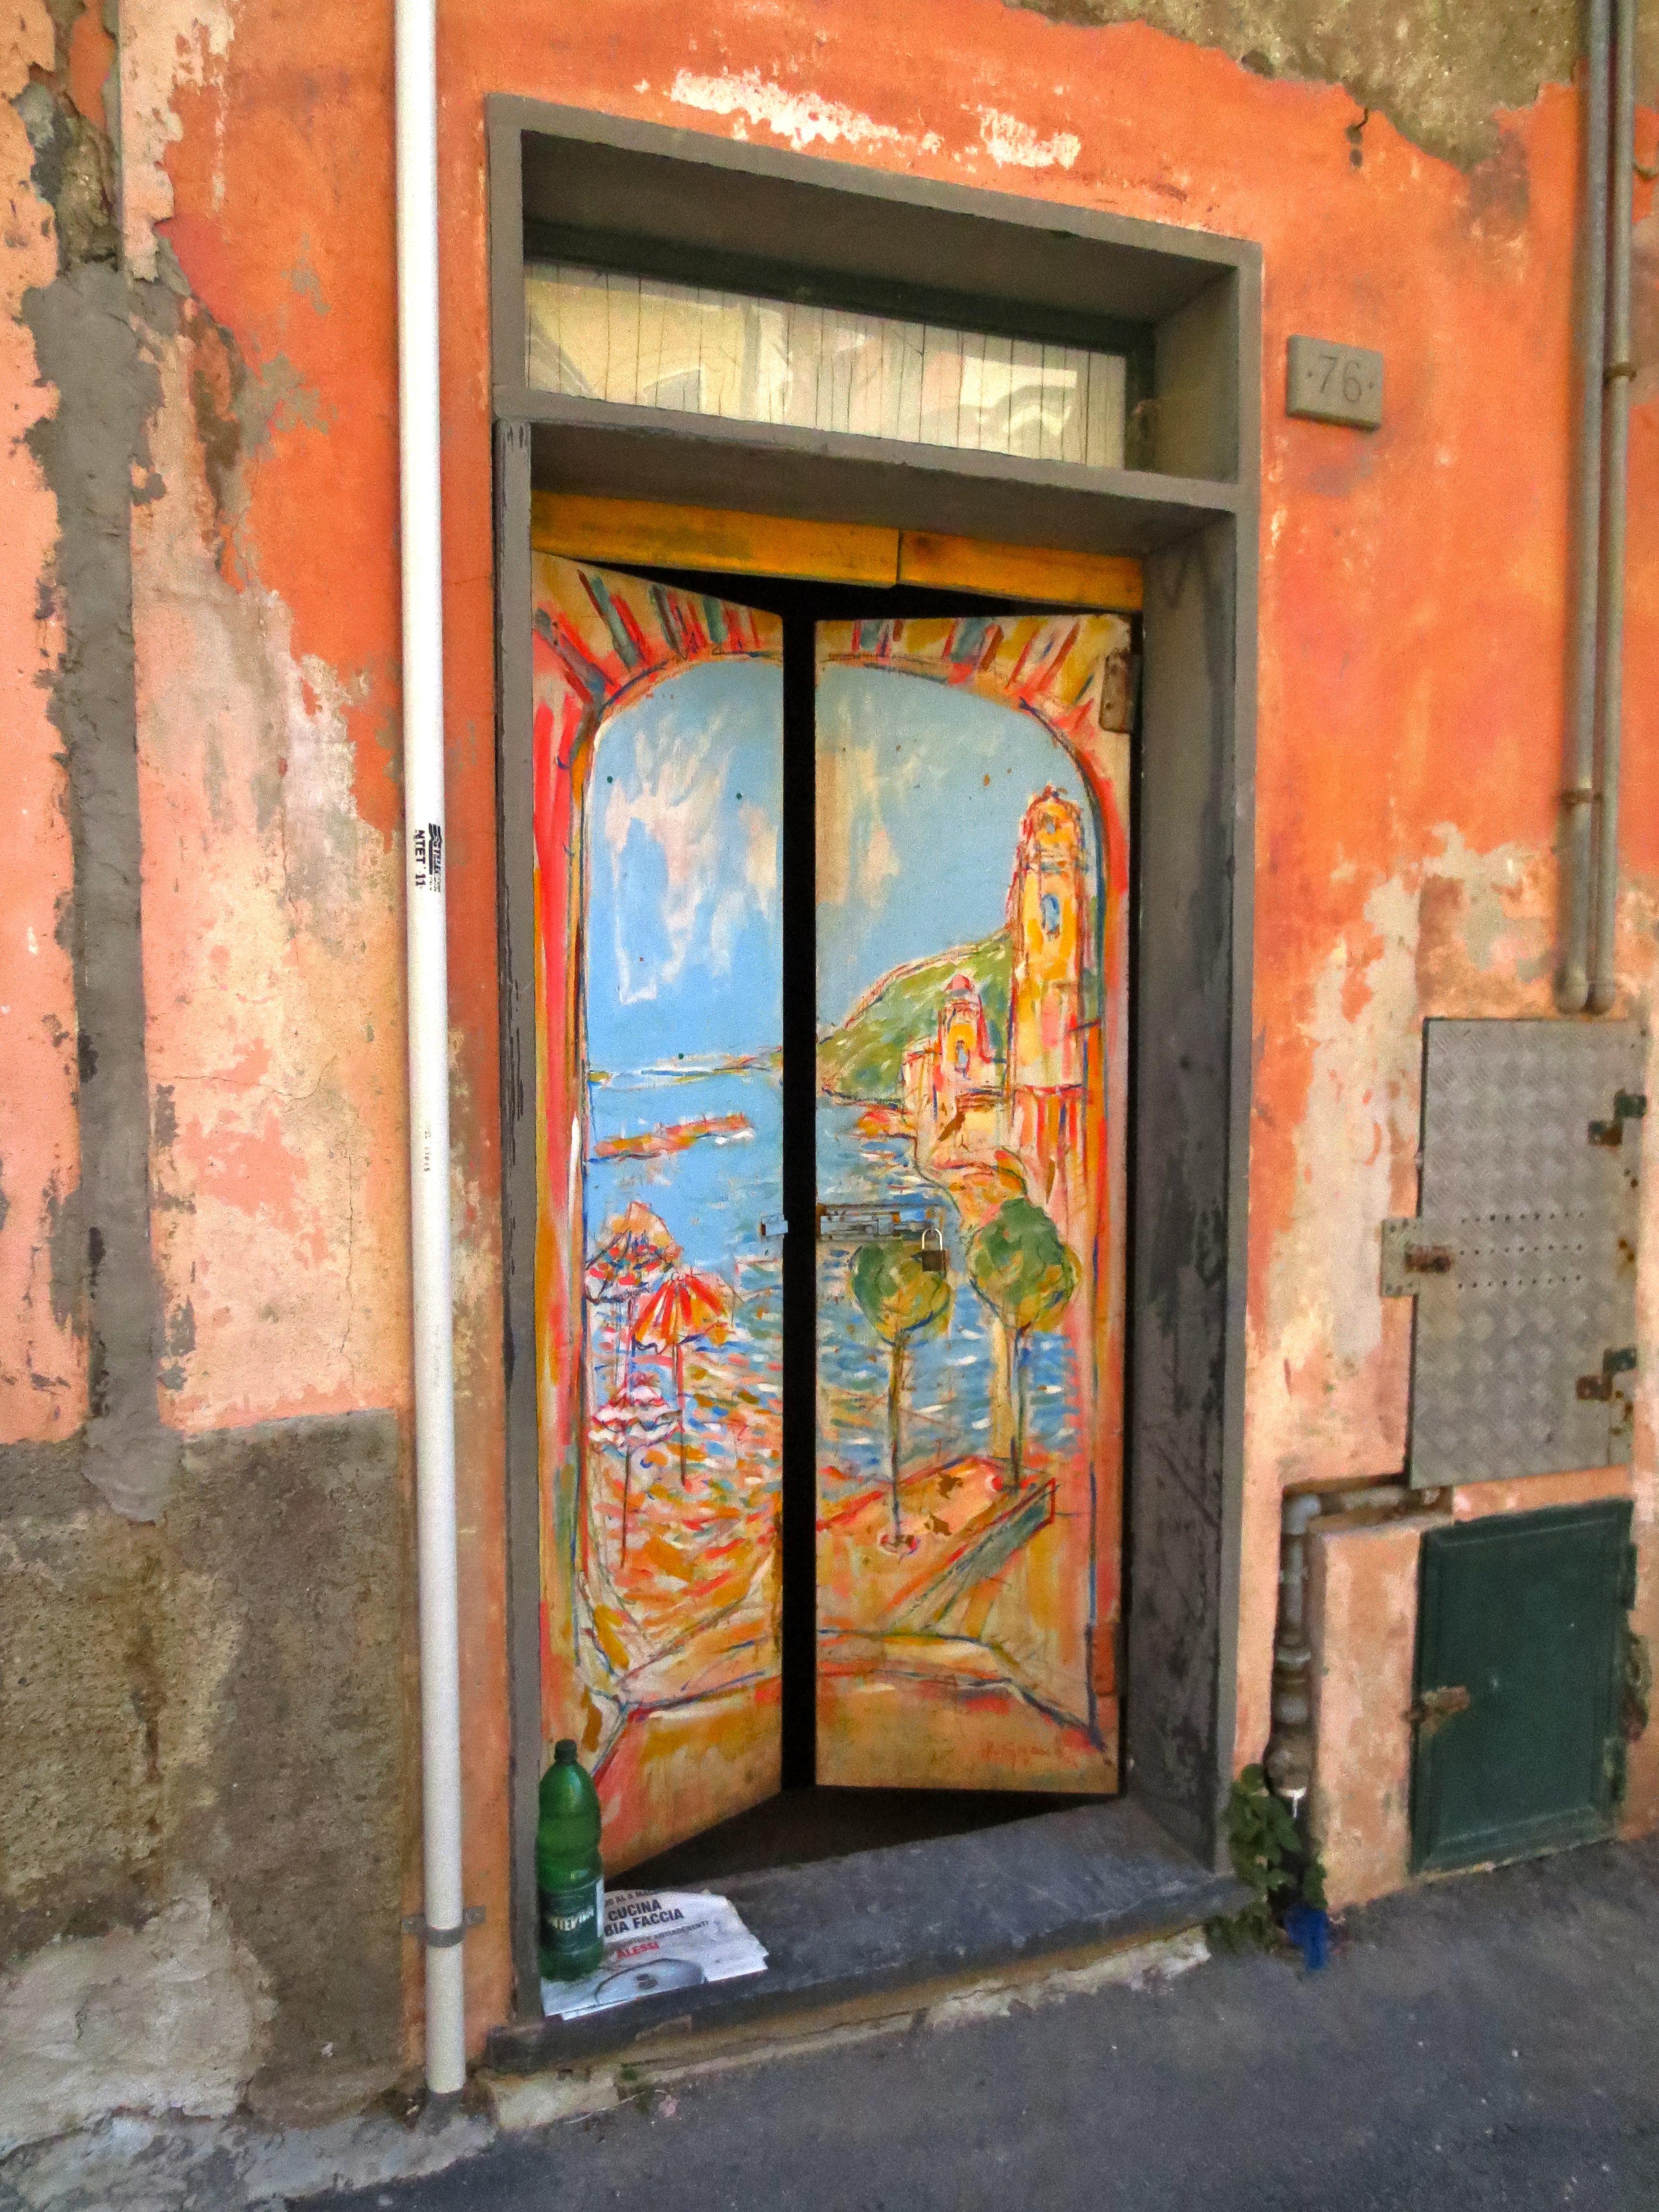 Seascape in a doorway